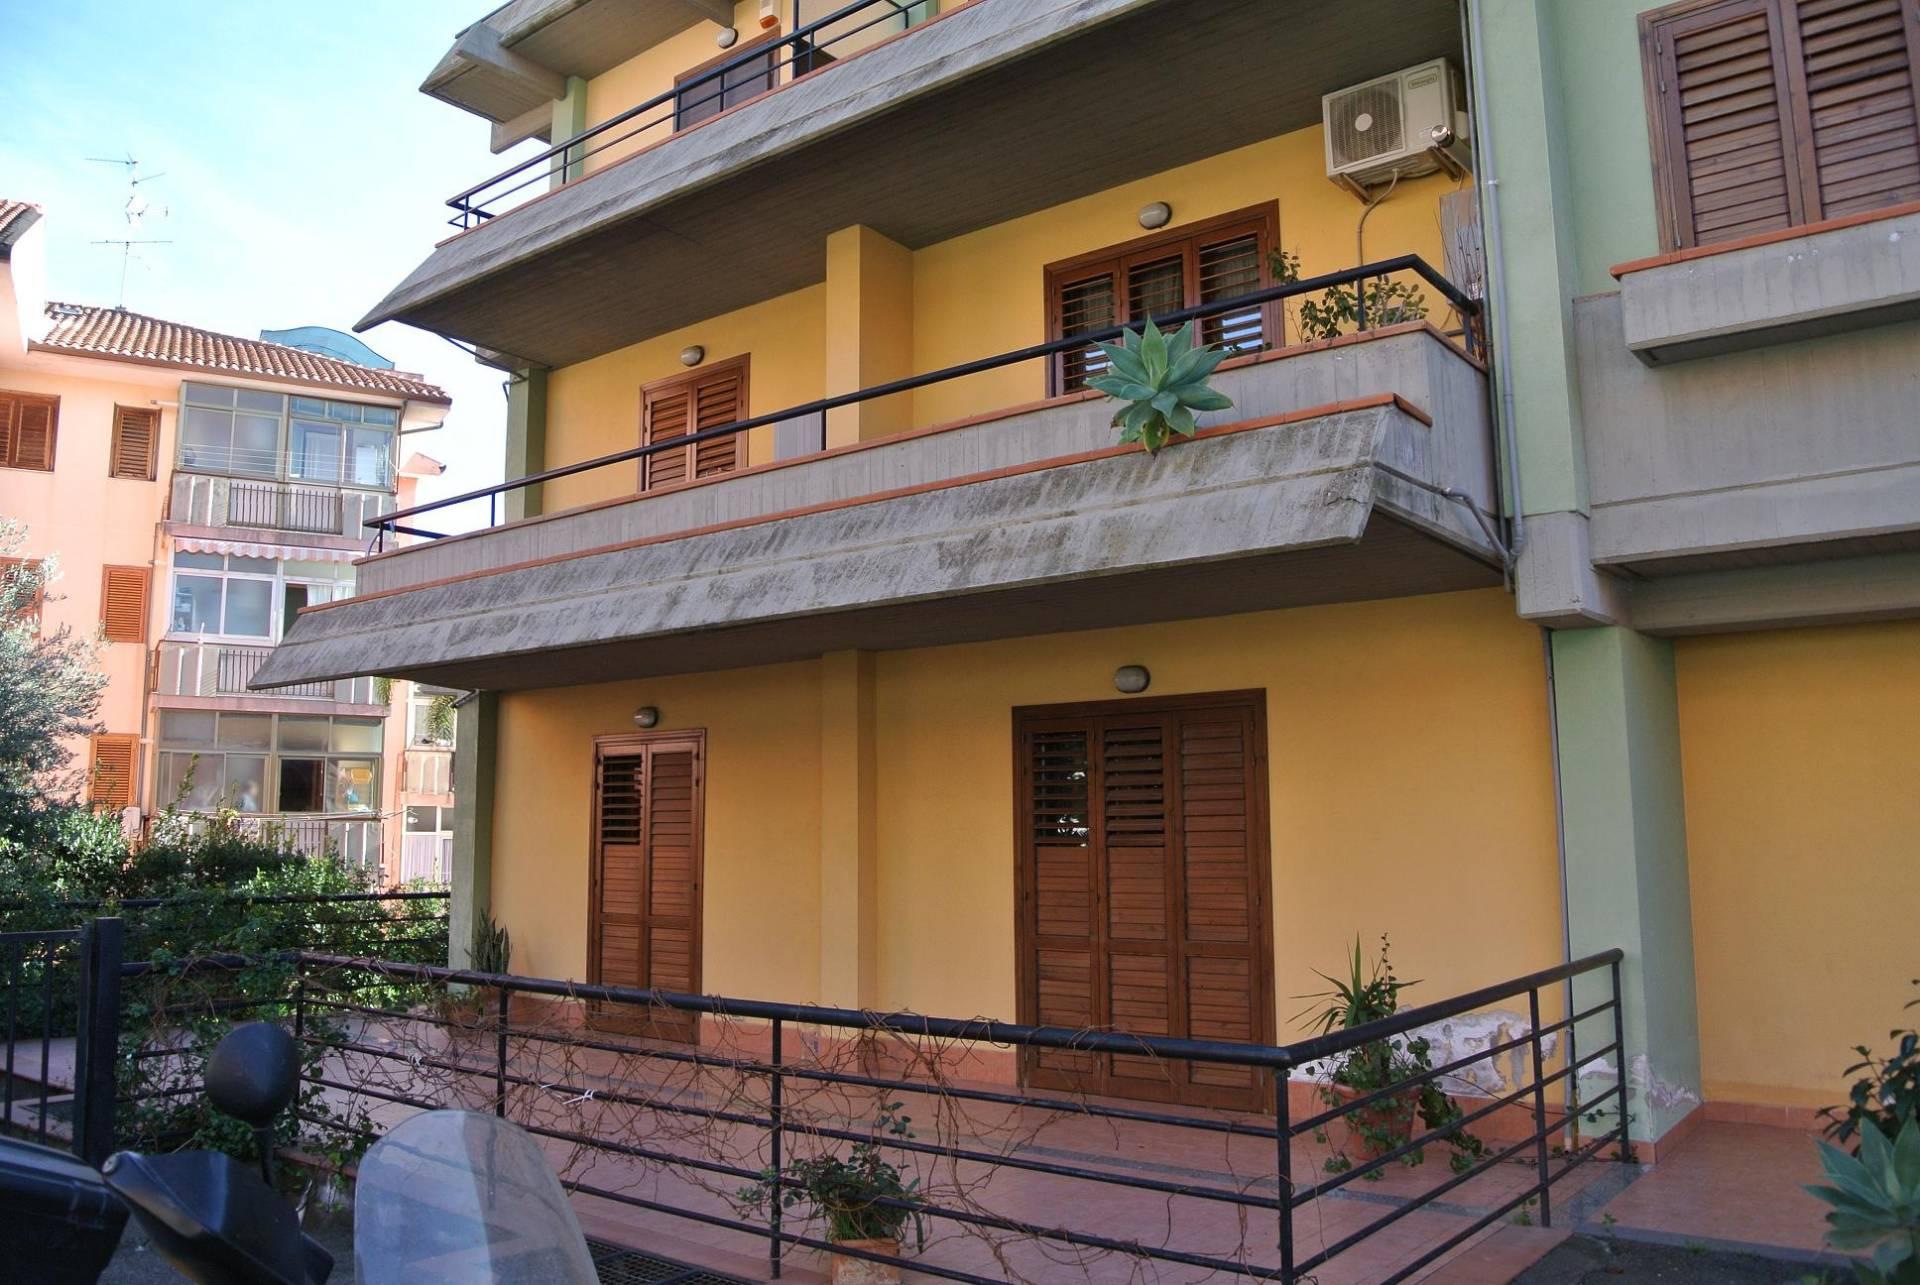 Appartamento in vendita a Aci Castello, 5 locali, zona Zona: Ficarazzi, prezzo € 249.000 | Cambio Casa.it